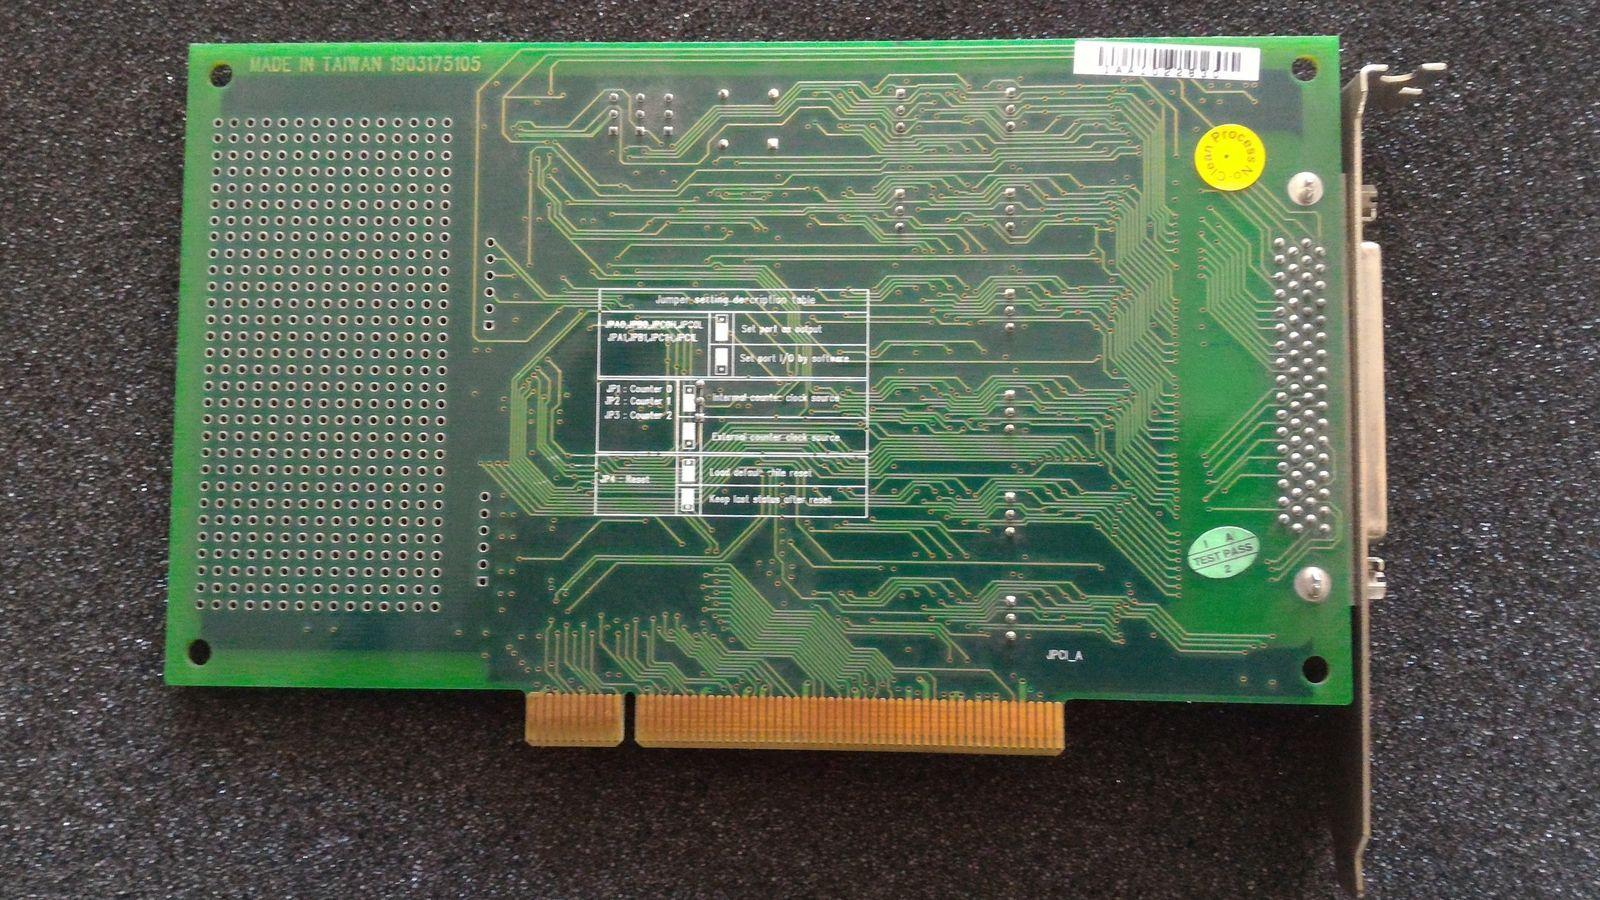 PCI-1751 48-канальный цифровой ввод/вывод и 3-канальный счетчик оборотов PCI карты.A1 02-2